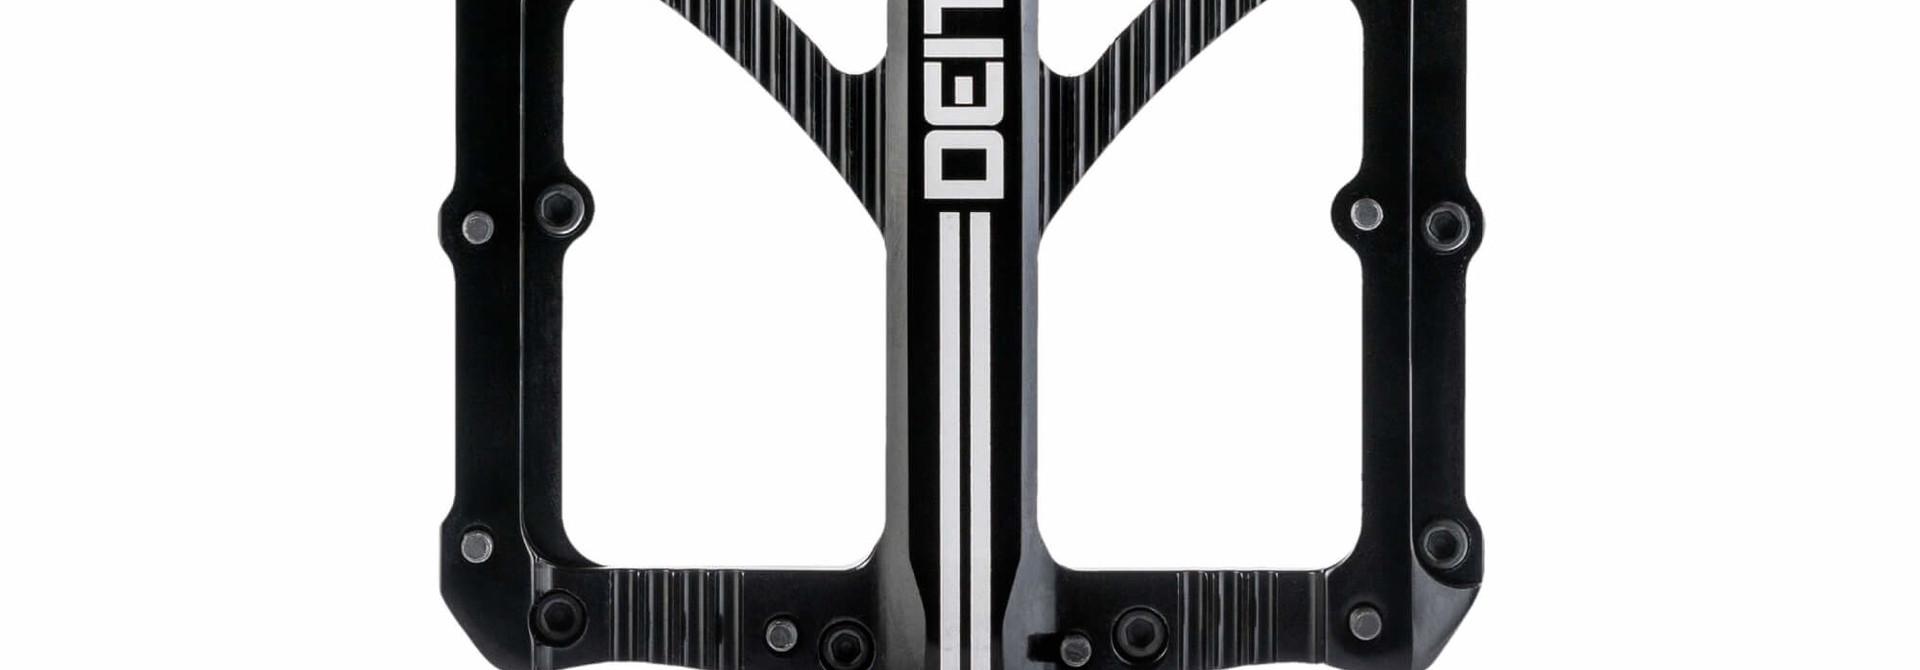 Pedal Bladerunner